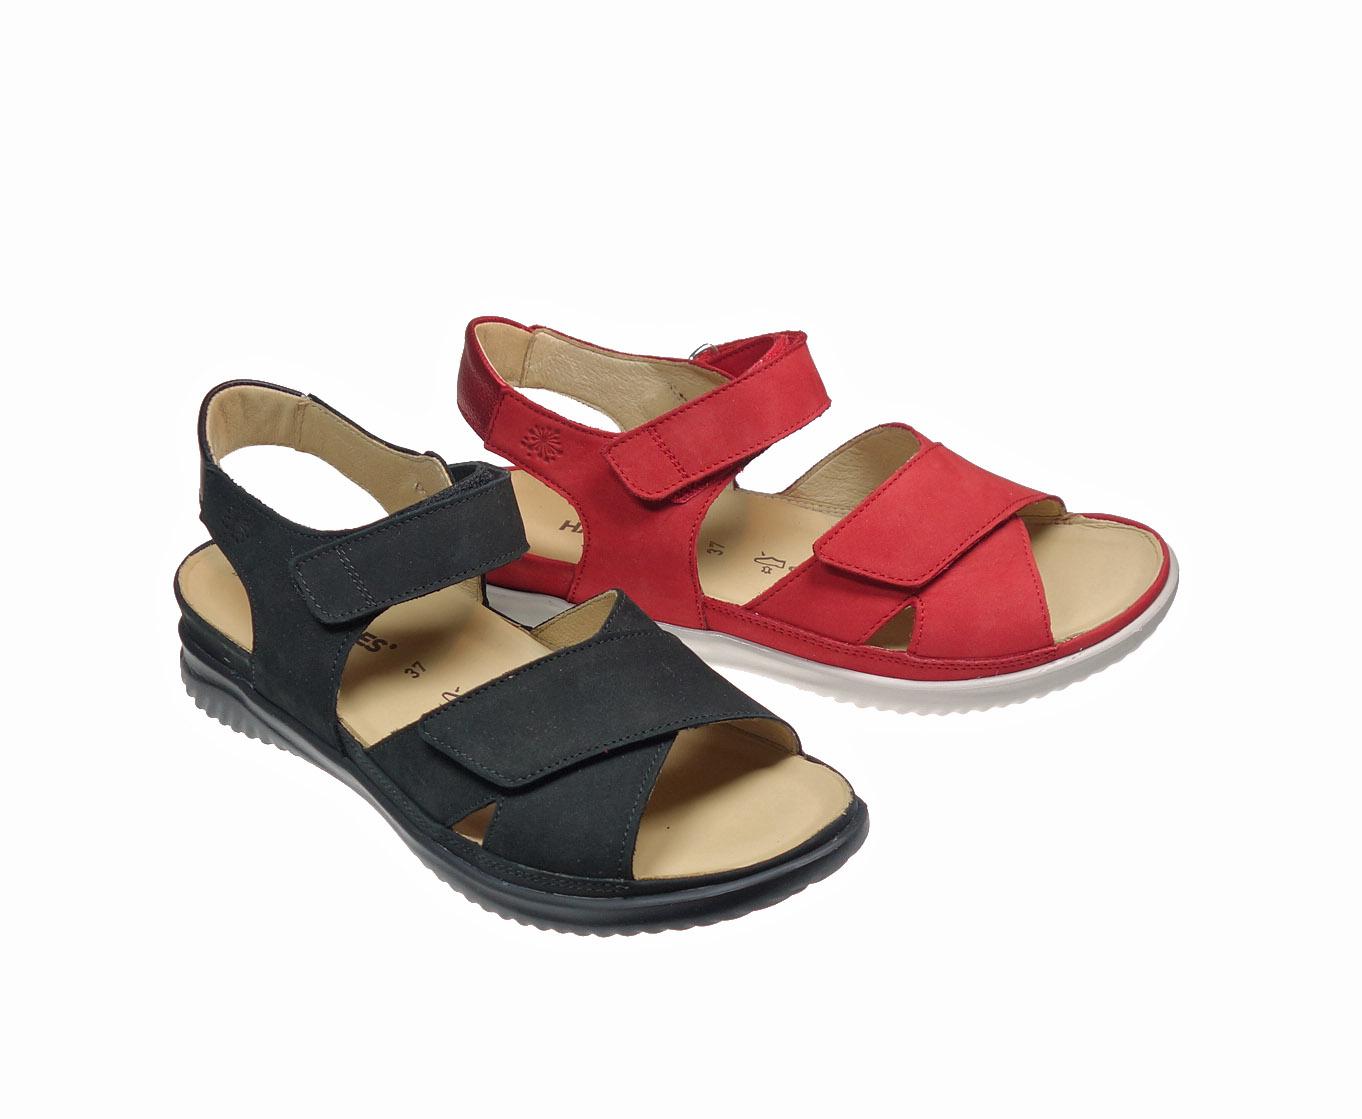 Hartjes Damen Sandalen schwarz 41